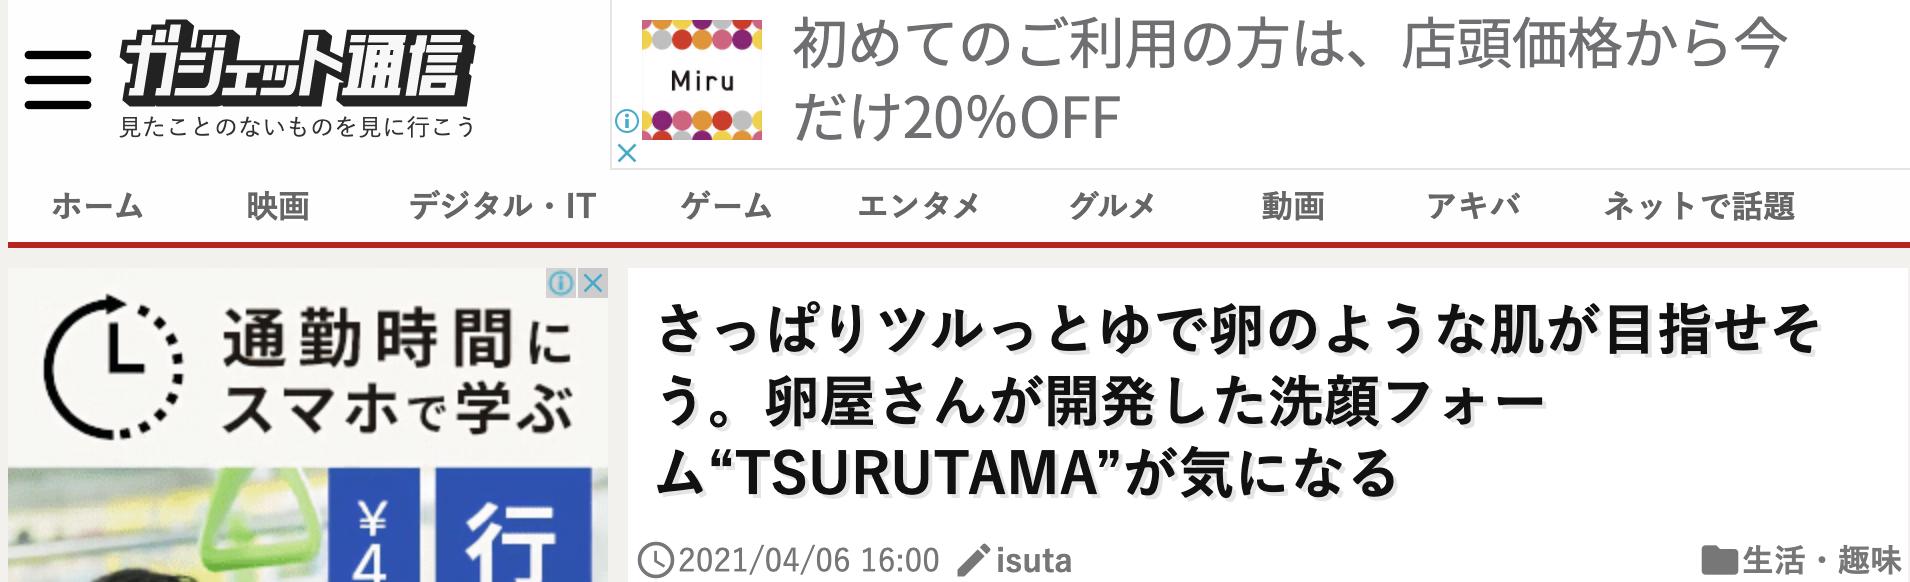 ガジェット通信さんのウェブサイトで「tsurutama」を紹介していただきました。